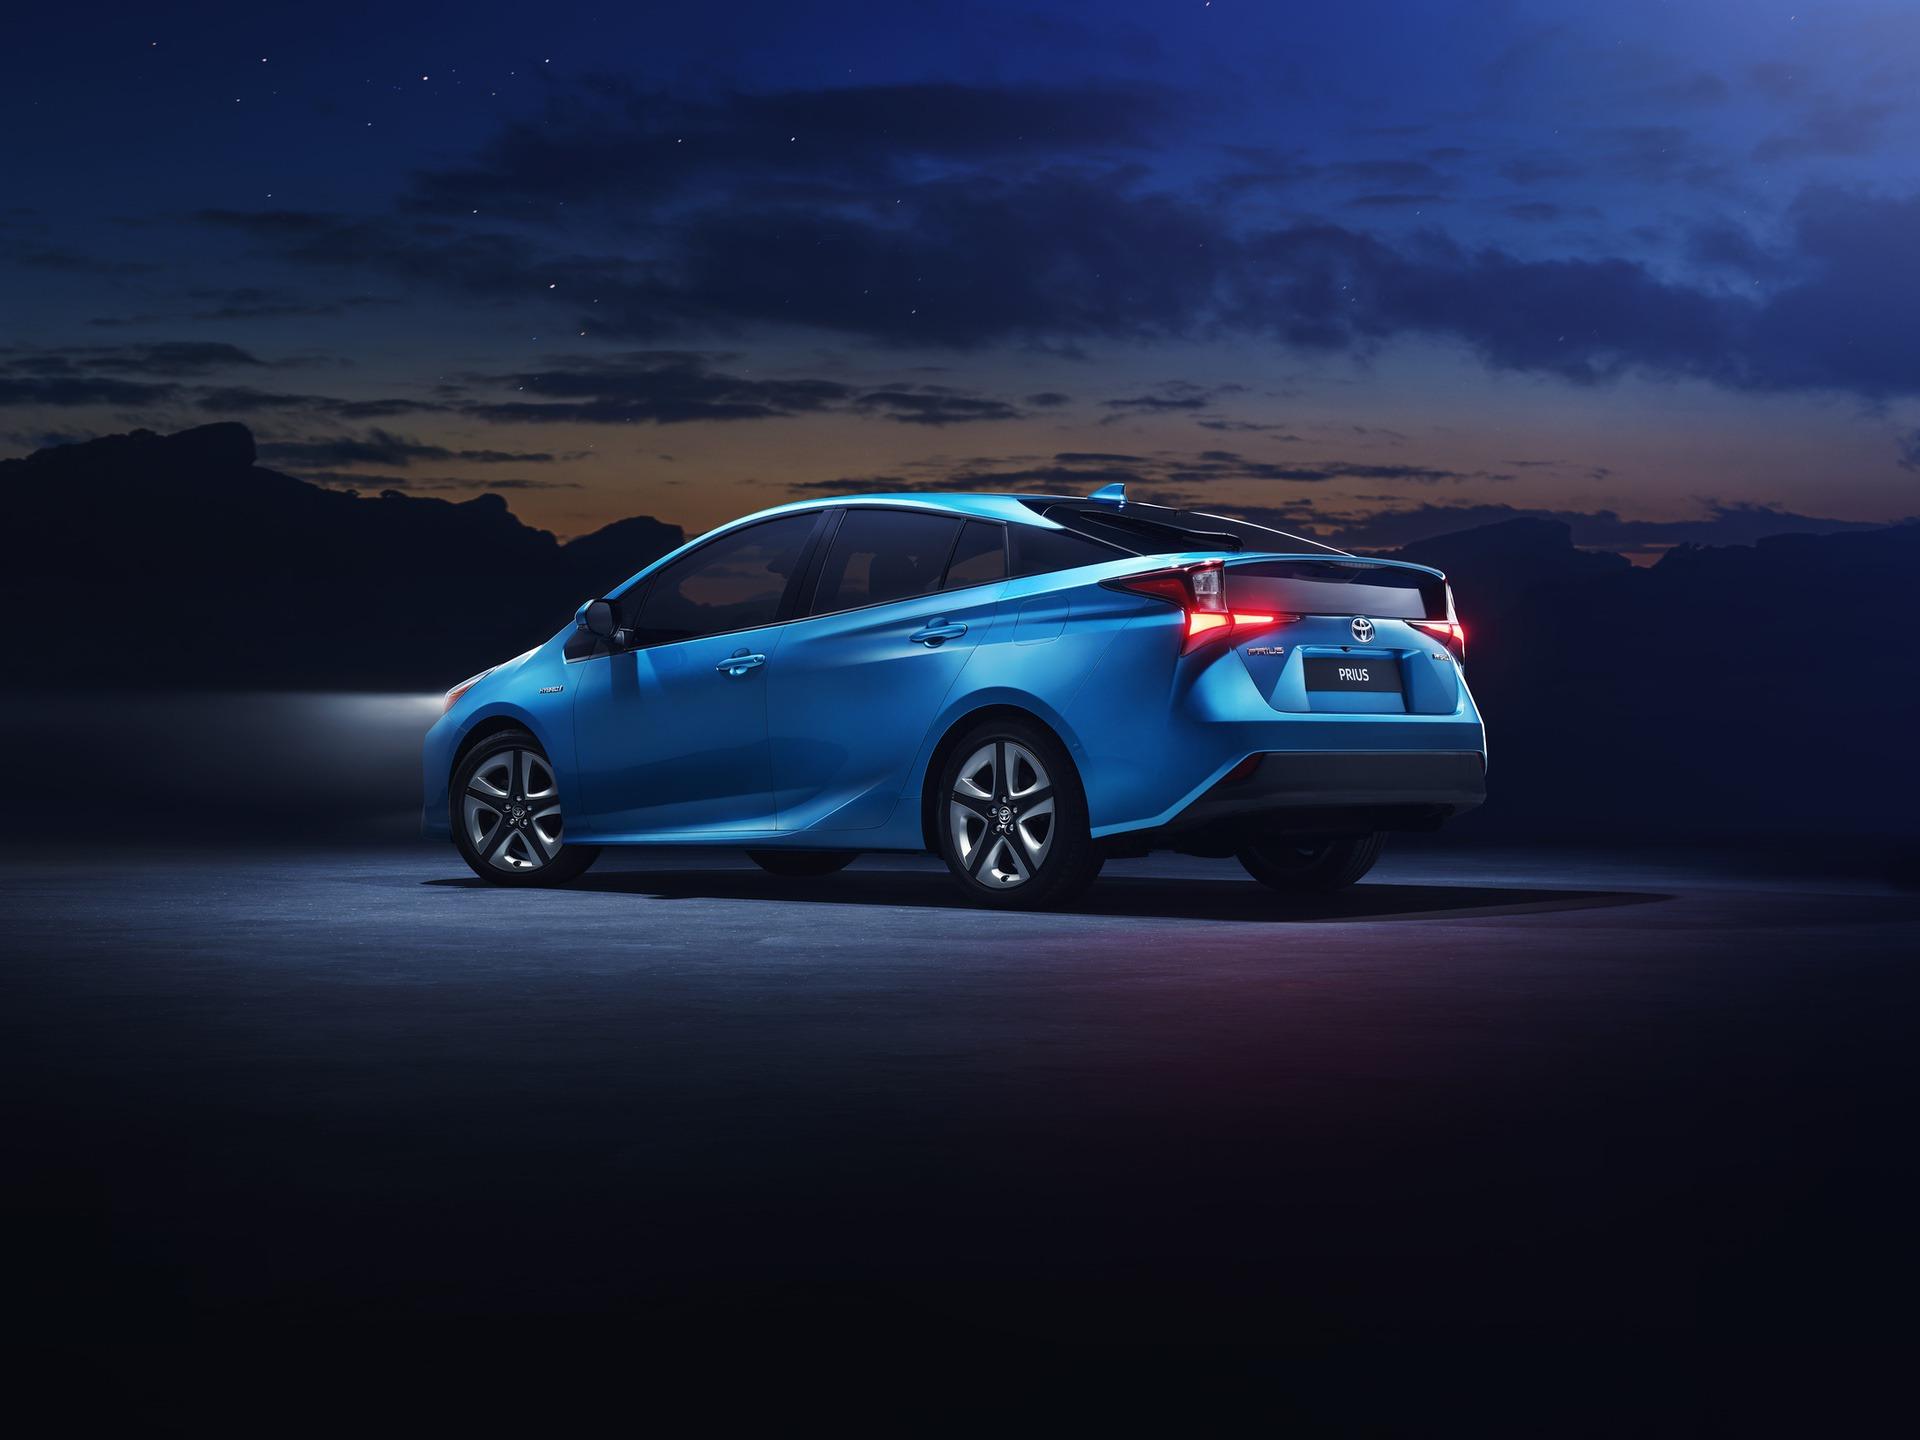 2019_Toyota_Prius_facelift_0001